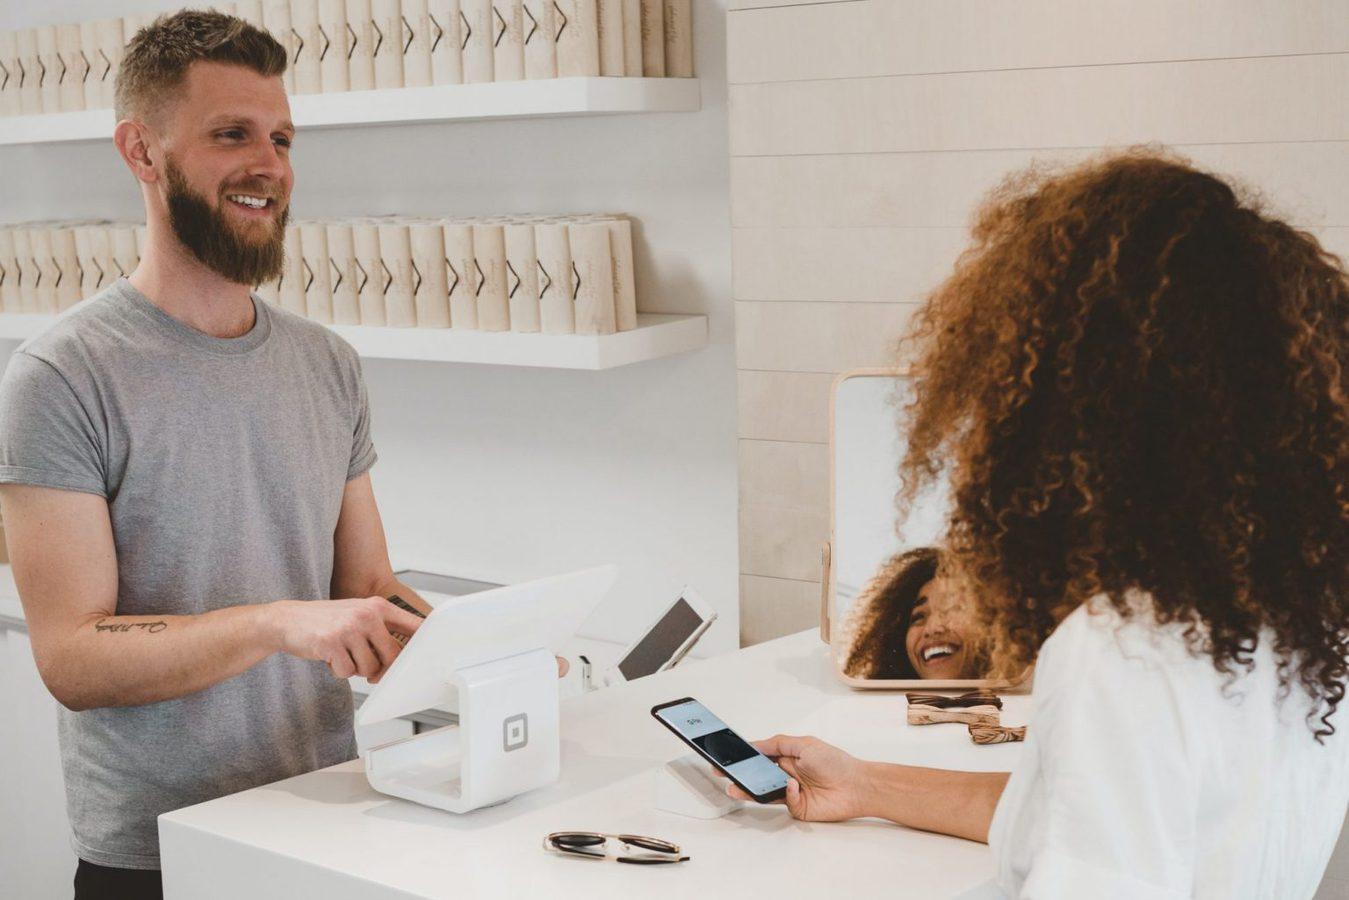 Uomo che serve una donna a un registratore di cassa in un negozio